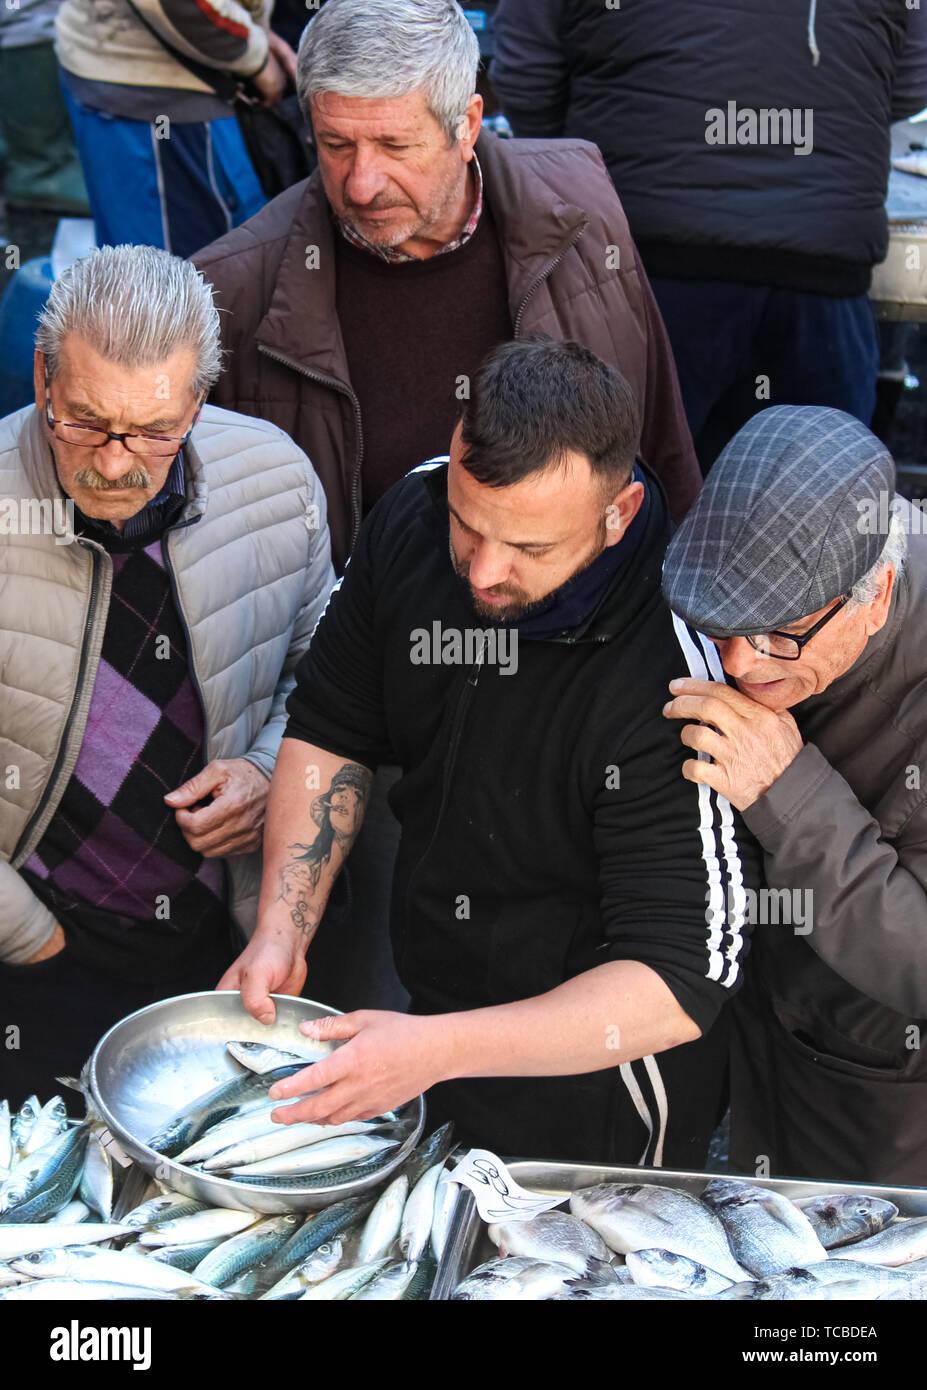 En Catania, Sicilia, Italia - 10 Abr 2019: Pescadería, la venta de pescado fresco en el tradicional mercado de pescado. Hombre mayor, exigente, le está tocando y dar instrucciones. Escena del mercado típico italiano. Foto de stock